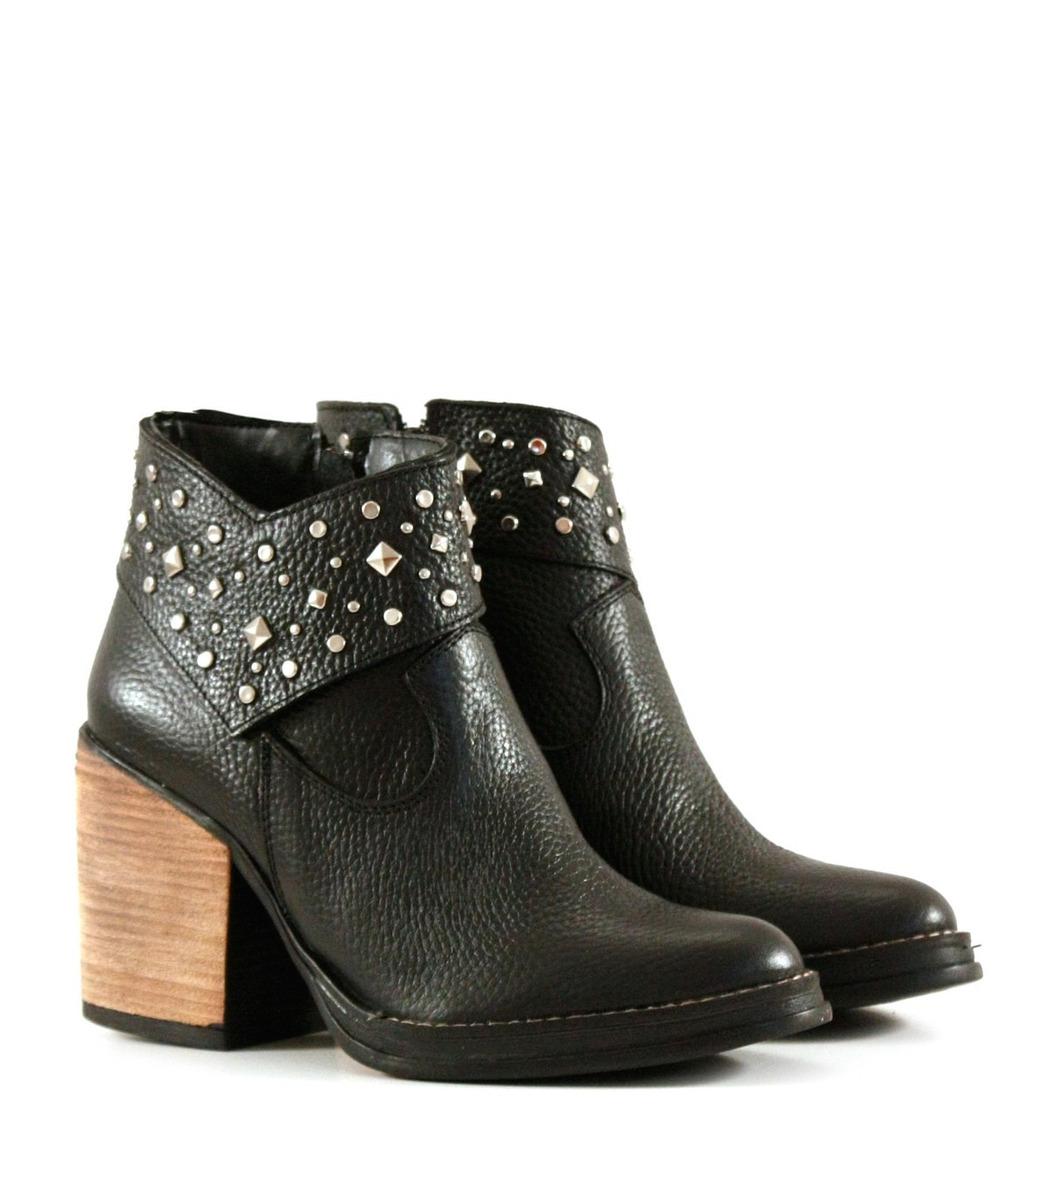 75cd8a70060b0 botas cortas con tachas cuero negro para mujer batistella. Cargando zoom.